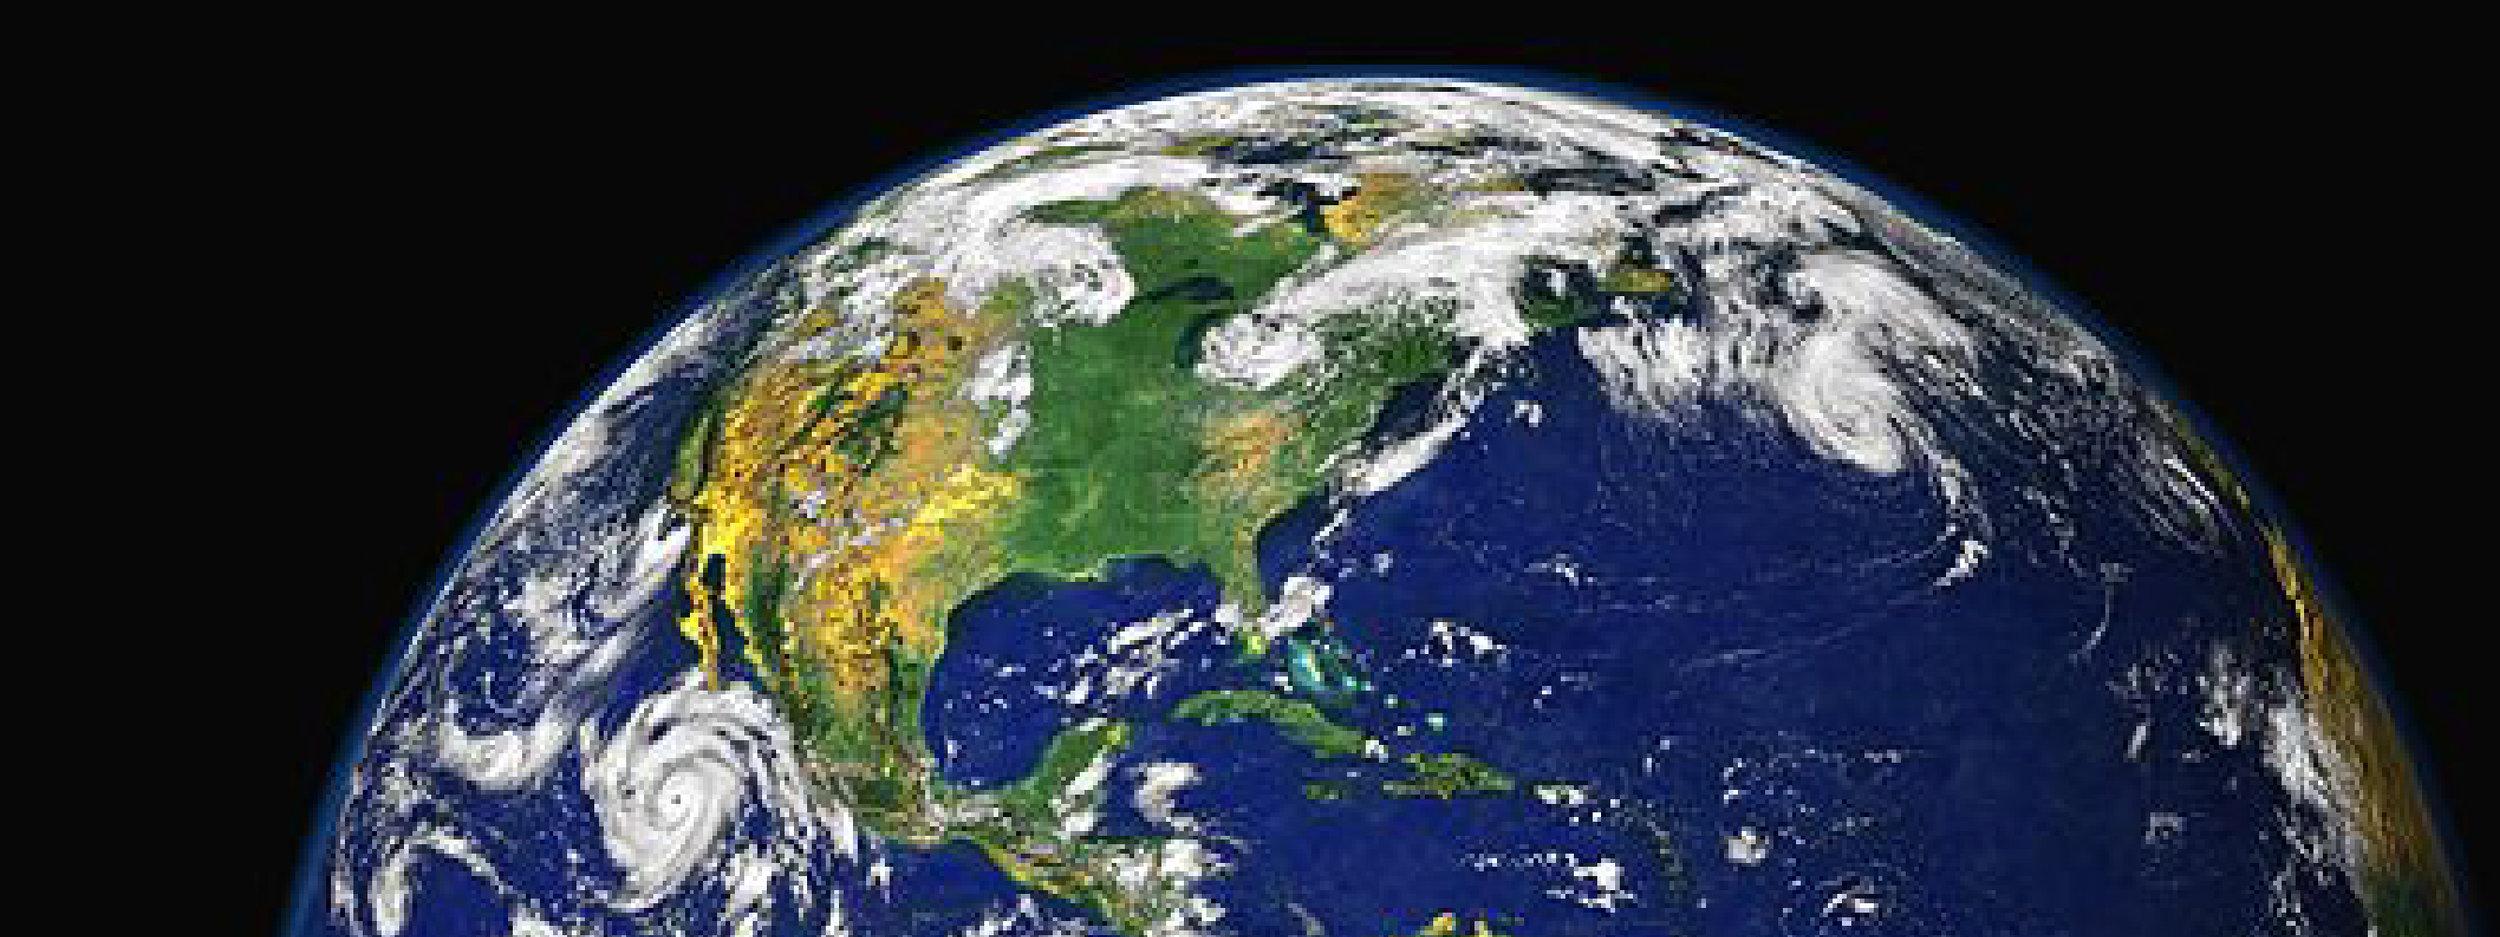 LATI-ClimateChange-NoText-01.jpg